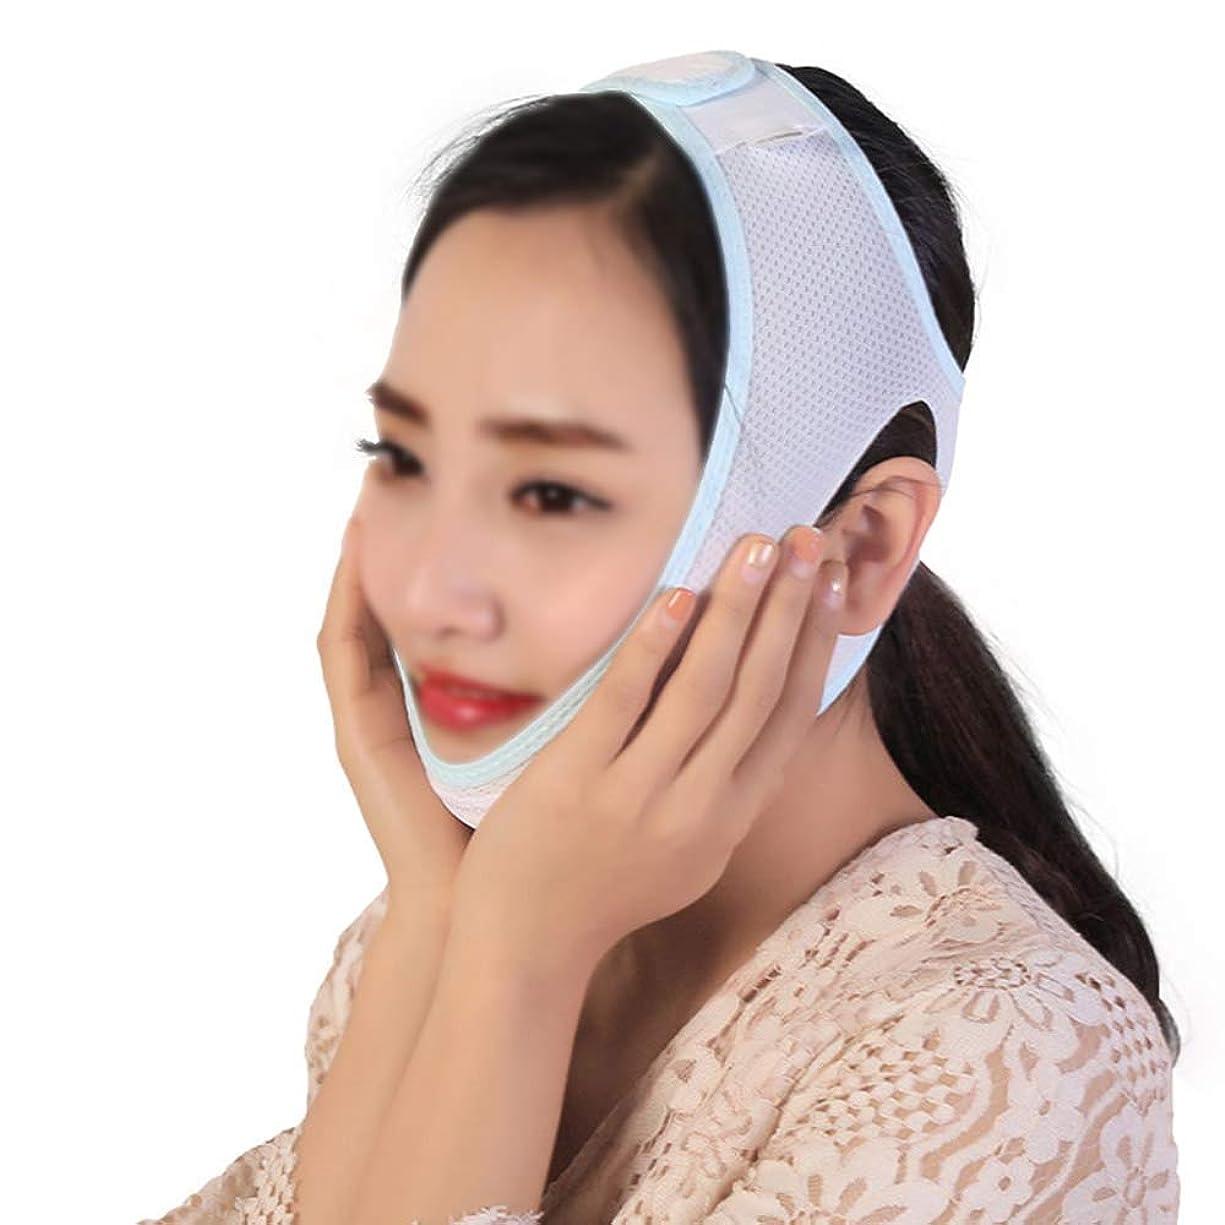 かき混ぜるリー彼女のファーミングフェイスマスク、スモールVフェイスアーティファクトリフティングフェイスプラスチックフェイスマスクコンフォートアップグレード最適化フェイスカーブの向上包括的な通気性のある包帯(サイズ:L)